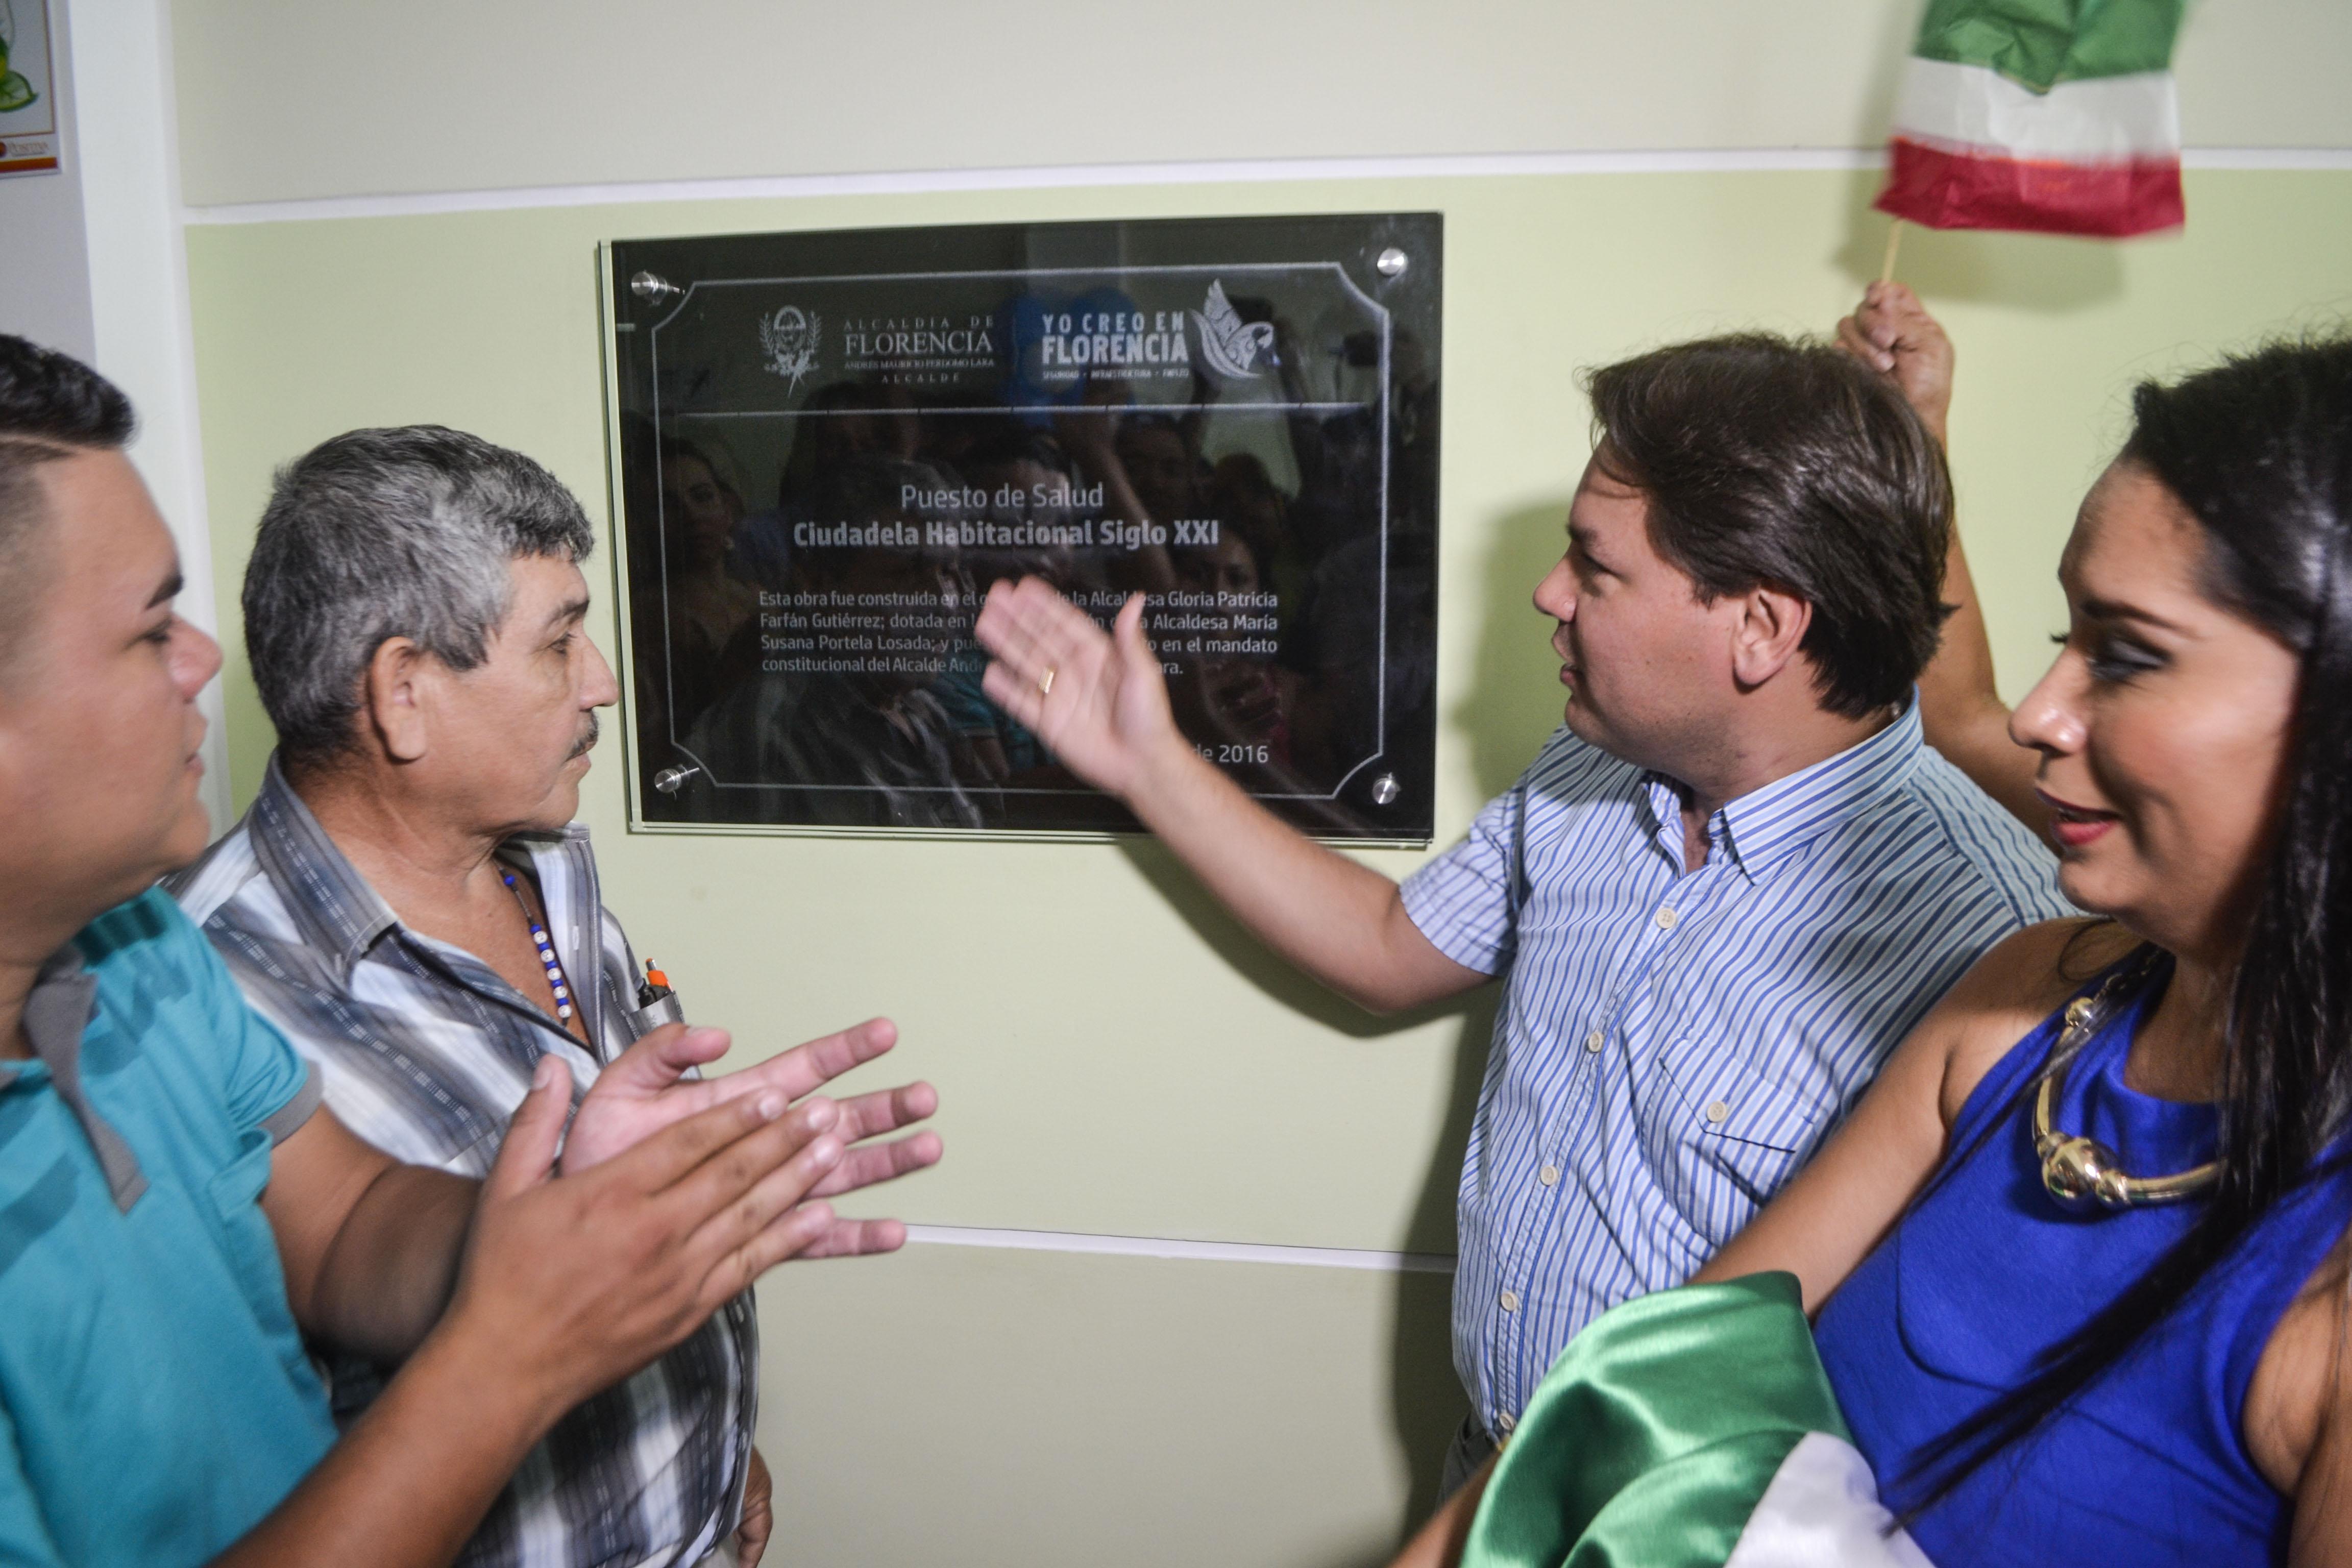 Inauguran Centro de salud en Florencia Caquetá